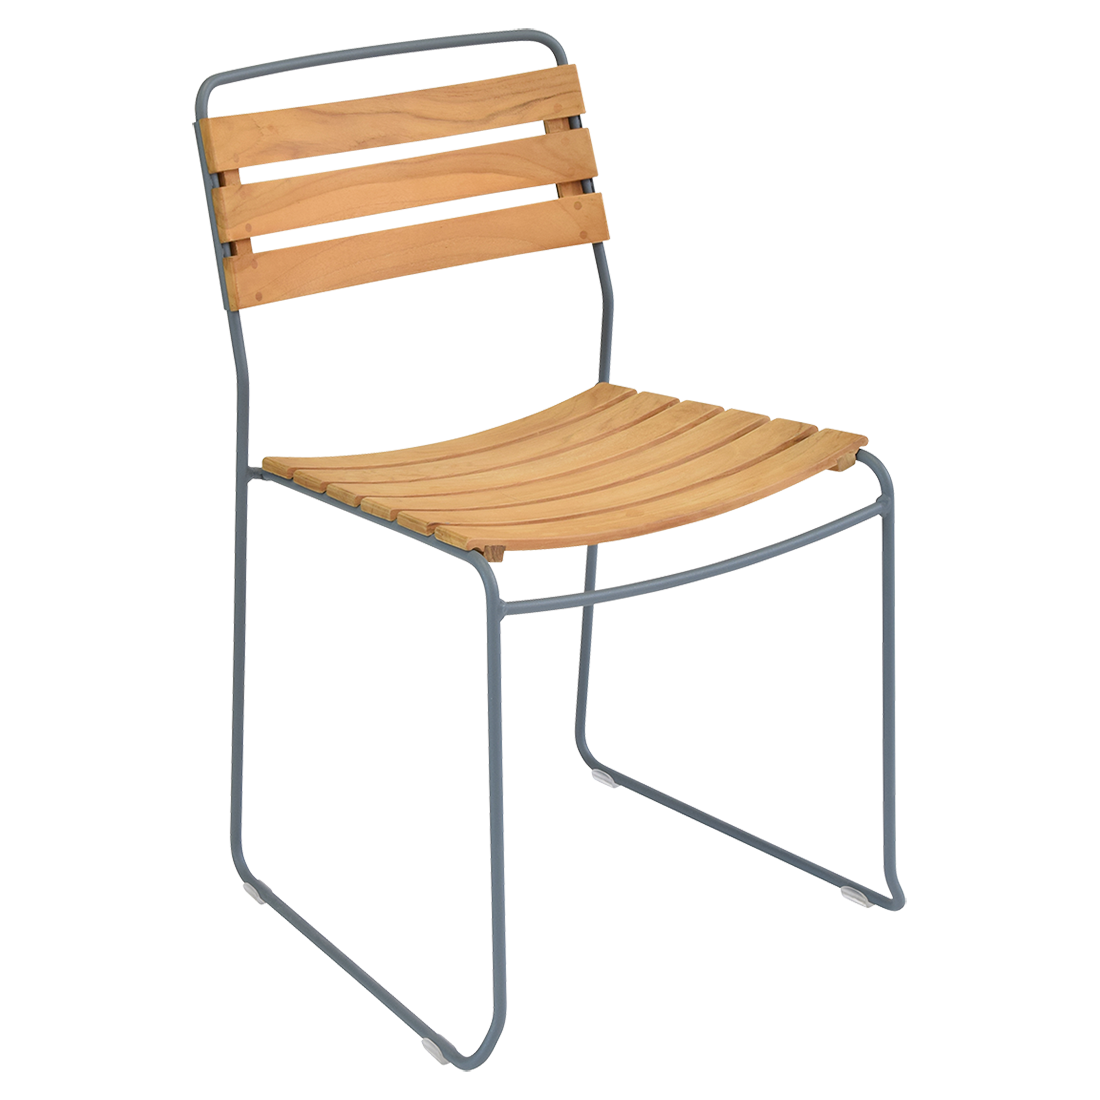 chaise surprising, chaise fermob, chaise bois et metal, chaise de jardin, chaise design, chaise bois et gris, guggenbichler